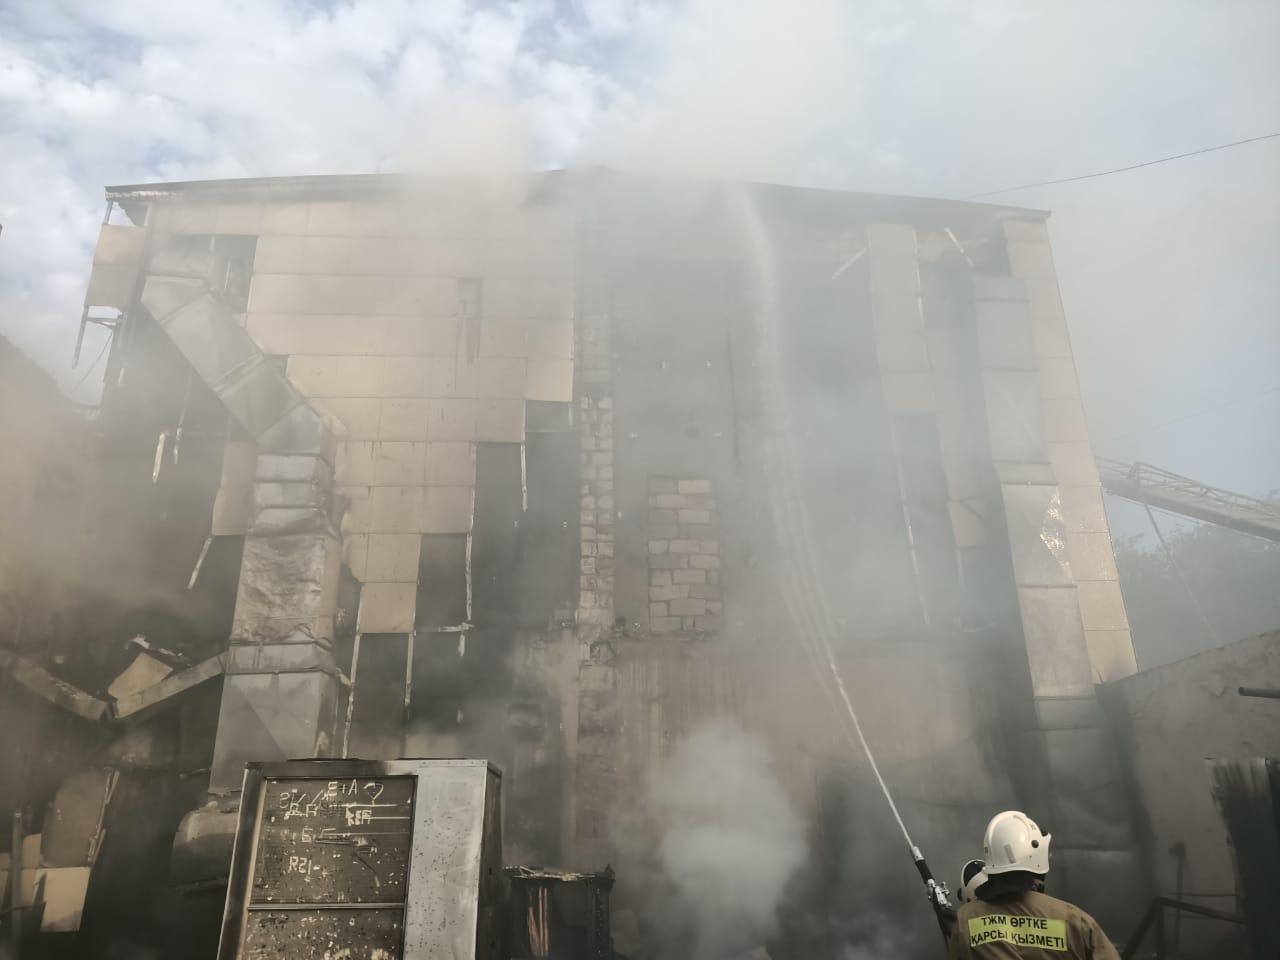 Пожар в Жанаозене: Из торгово-развлекательного центра эвакуировали 85 человек